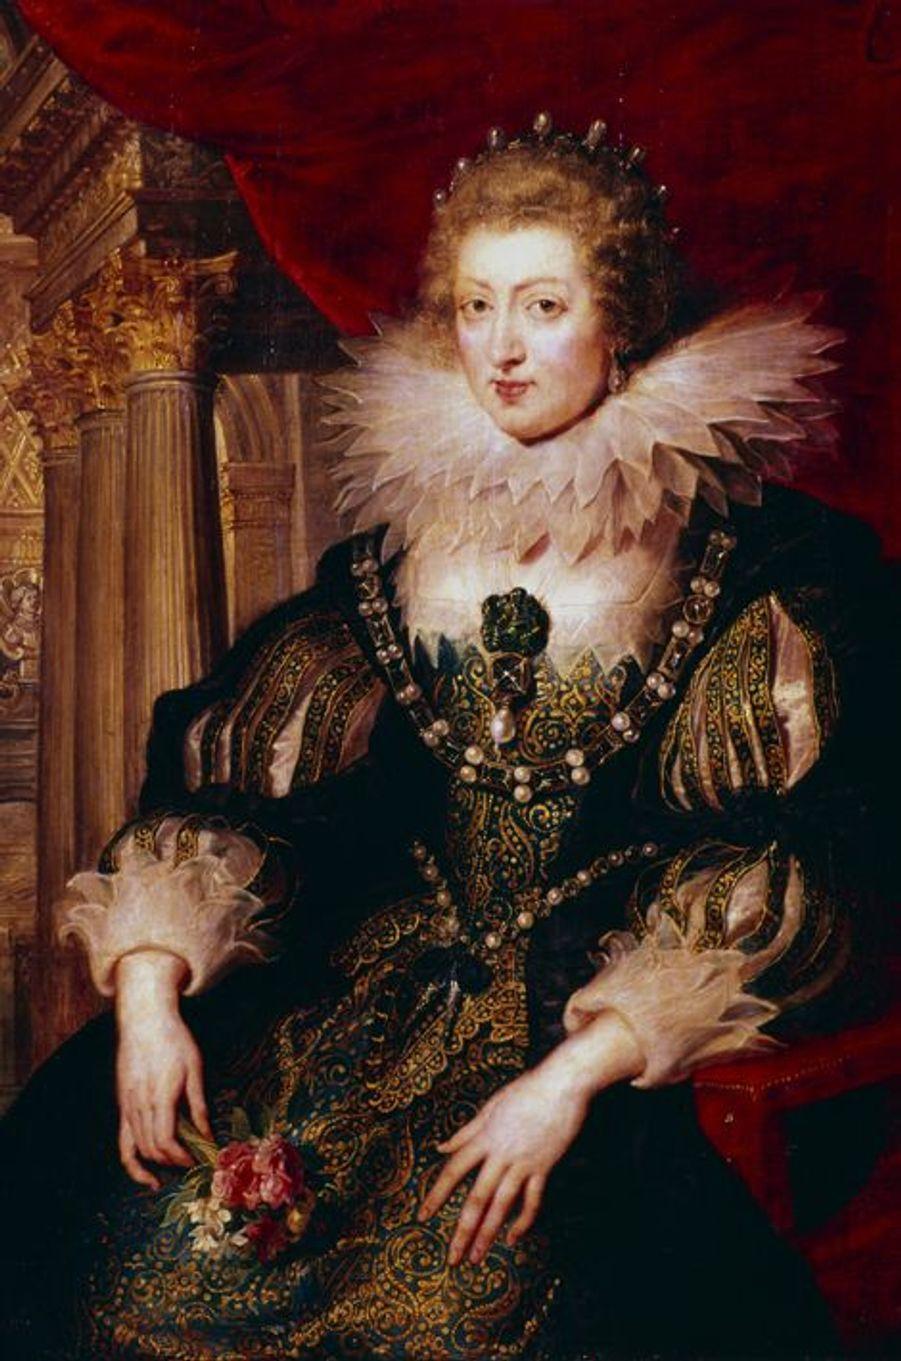 Mère, épouses, favorites, plusieurs femmes ont compté dans la vie de Louis XIV. Alors que l'on s'apprête à célébrer le 1er septembre prochain le tricentenaire du décès du roi Soleil, le Royal Blog de Paris Match vous rafraîchit la mémoire quant à ces dames.Anne d'Autriche (1601-1666), sa mèreComme son nom ne le laisse pas supposer, Anne d'Autriche est une princesse espagnole. Fille du roi Philippe III d'Espagne et de l'archiduchesse Marguerite d'Autriche-Styrie, elle est née le 22 septembre 1601 à Valladolid et a grandi au palais royal de l'Alcazar à Madrid. Le 18 octobre 1615, à 14 ans, elle épouse Louis XIII, qui a le même âge qu'elle mais est déjà roi de France et de Navarre. Il leur faudra attendre 23 années pour qu'enfin, de leur union, naisse un enfant. Louis-Dieudonné voit le jour le 5 septembre 1638, suivi de Philippe le 21 septembre 1640.Anne d'Autriche n'a que 41 ans lorsque Louis XIII meurt le 14 mai 1643. Louis XIV monte alors sur le trône de France. Mais le petit garçon n'a même pas 5 ans. Sa mère assurera alors la Régence. Et ce jusqu'au 7 septembre 1651.Louis XIV a seulement 27 ans lorsqu'il perd sa mère, Anne d'Autriche étant décédée d'un cancer du sein le 20 janvier 1666.